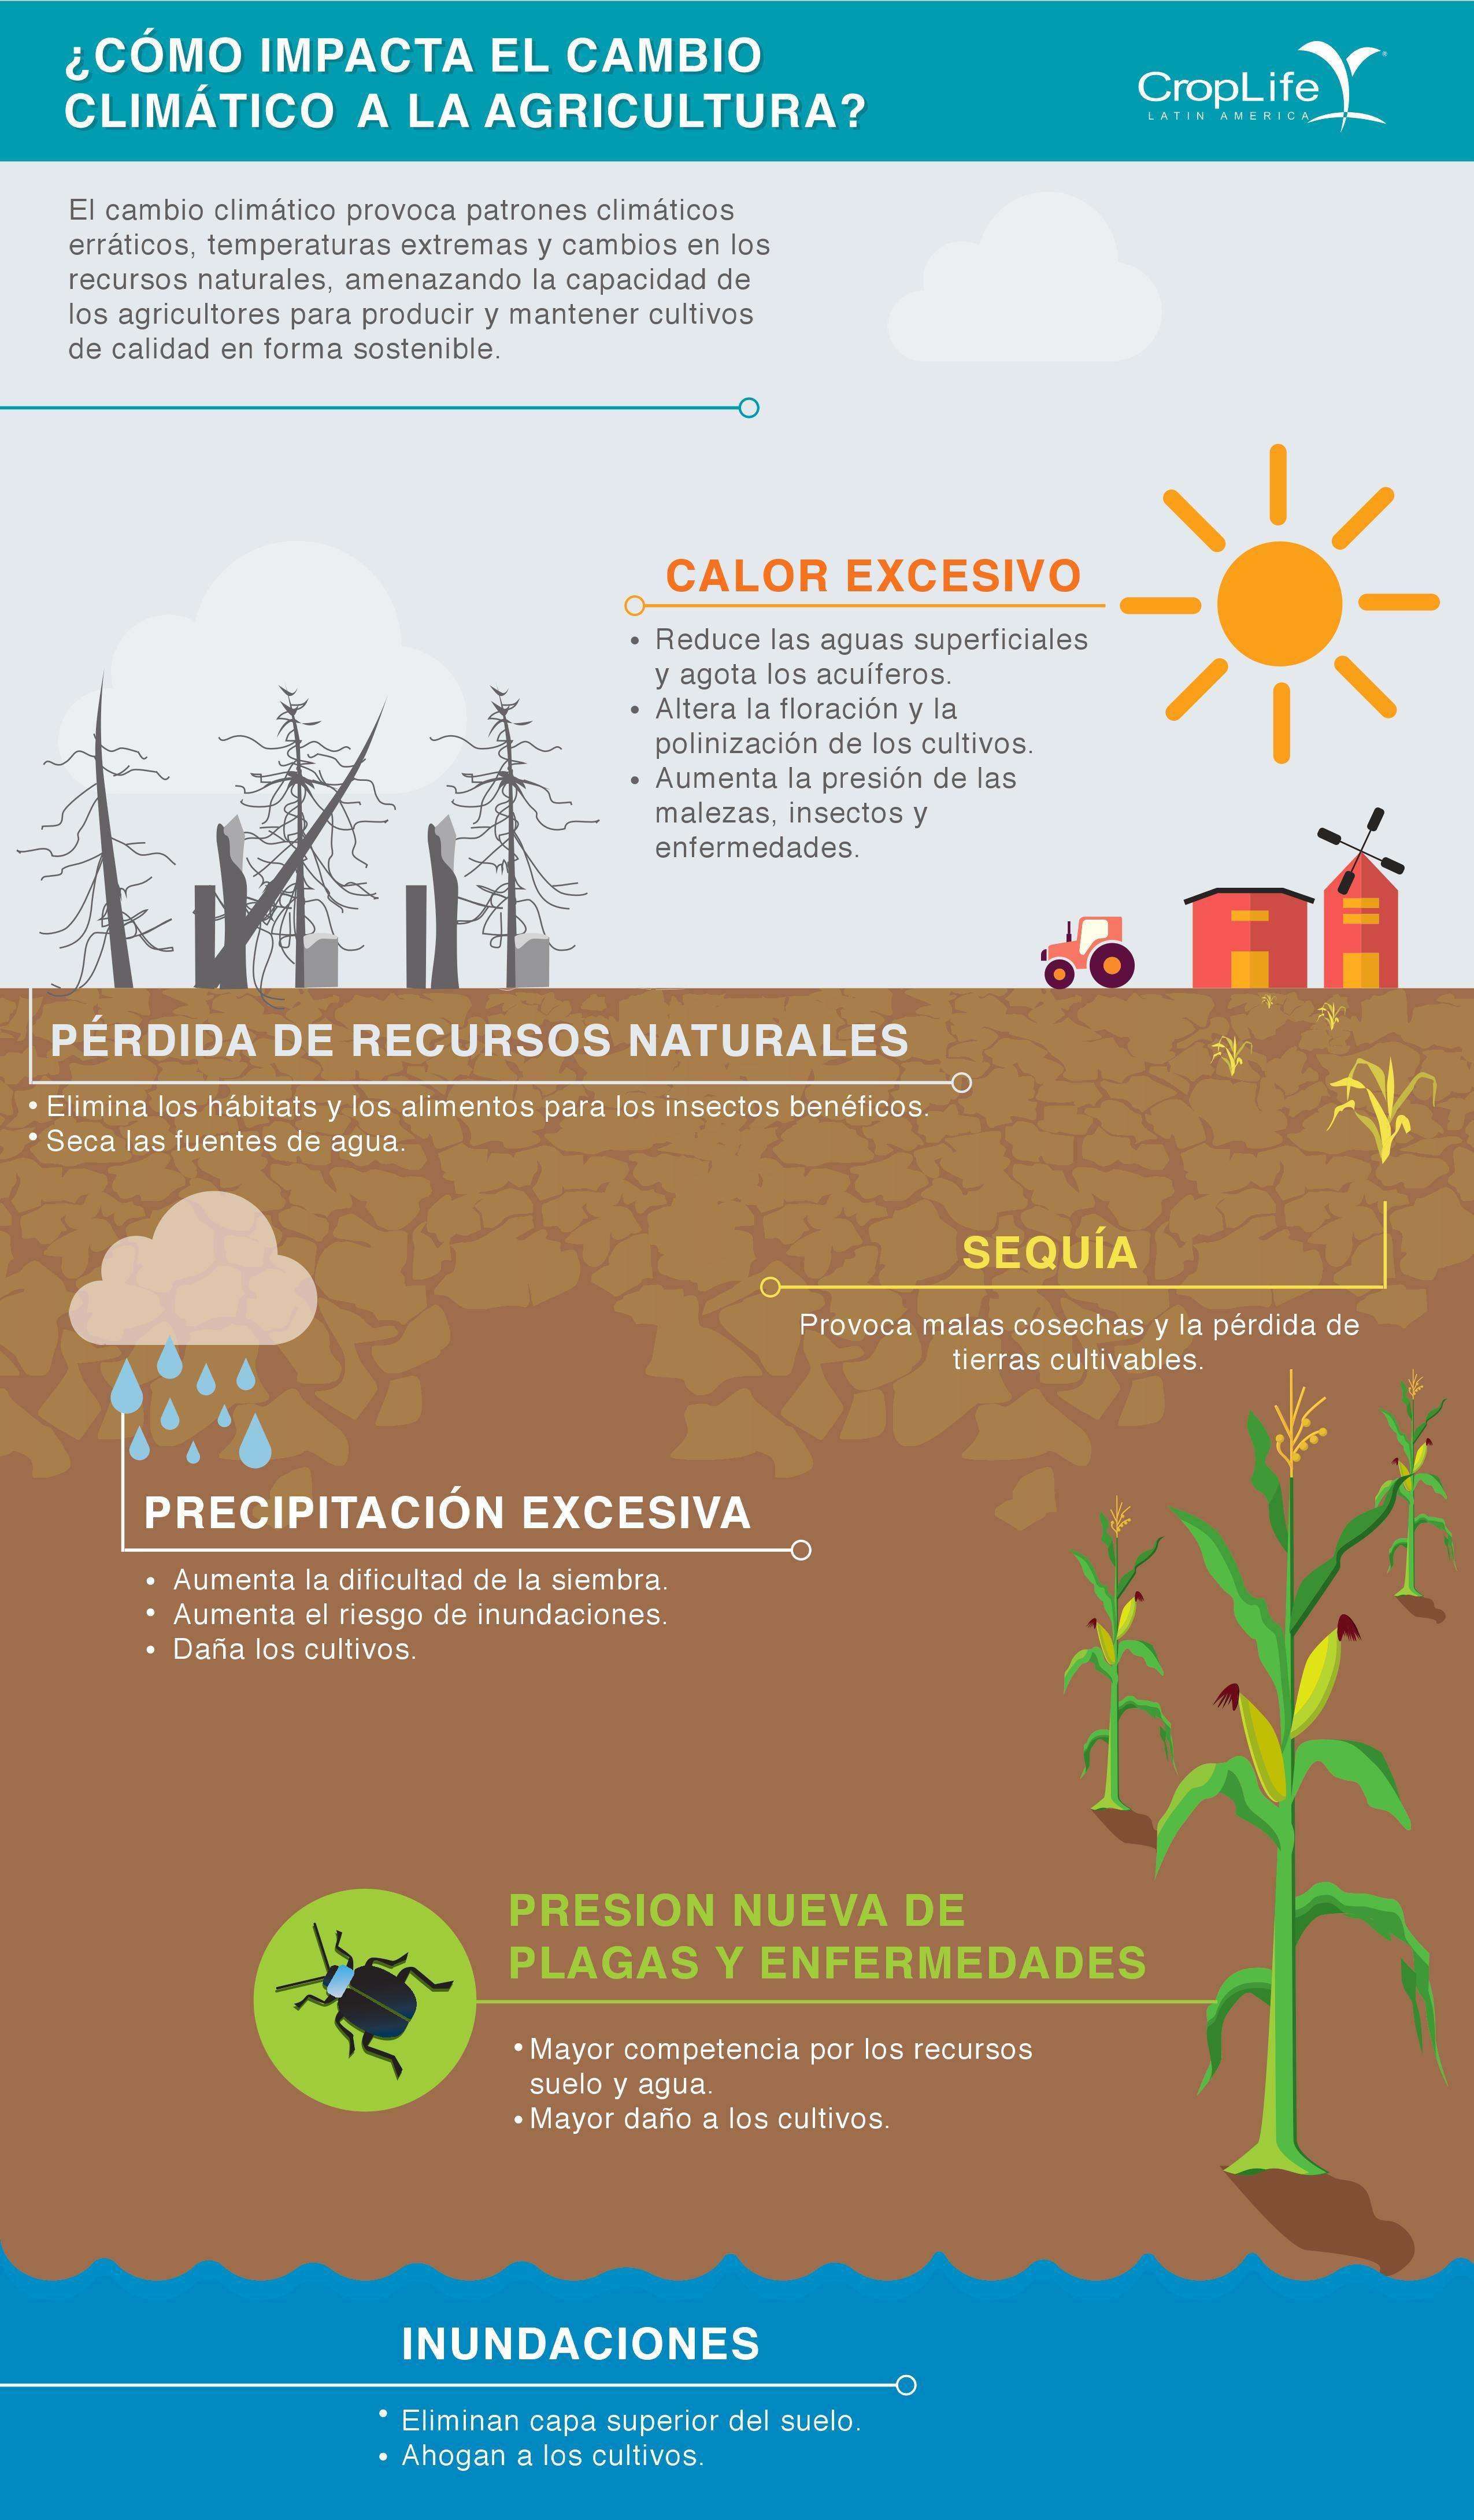 Los suelos ayudan a batir y adaptarse al cambio climático canvi climatic Pinterest